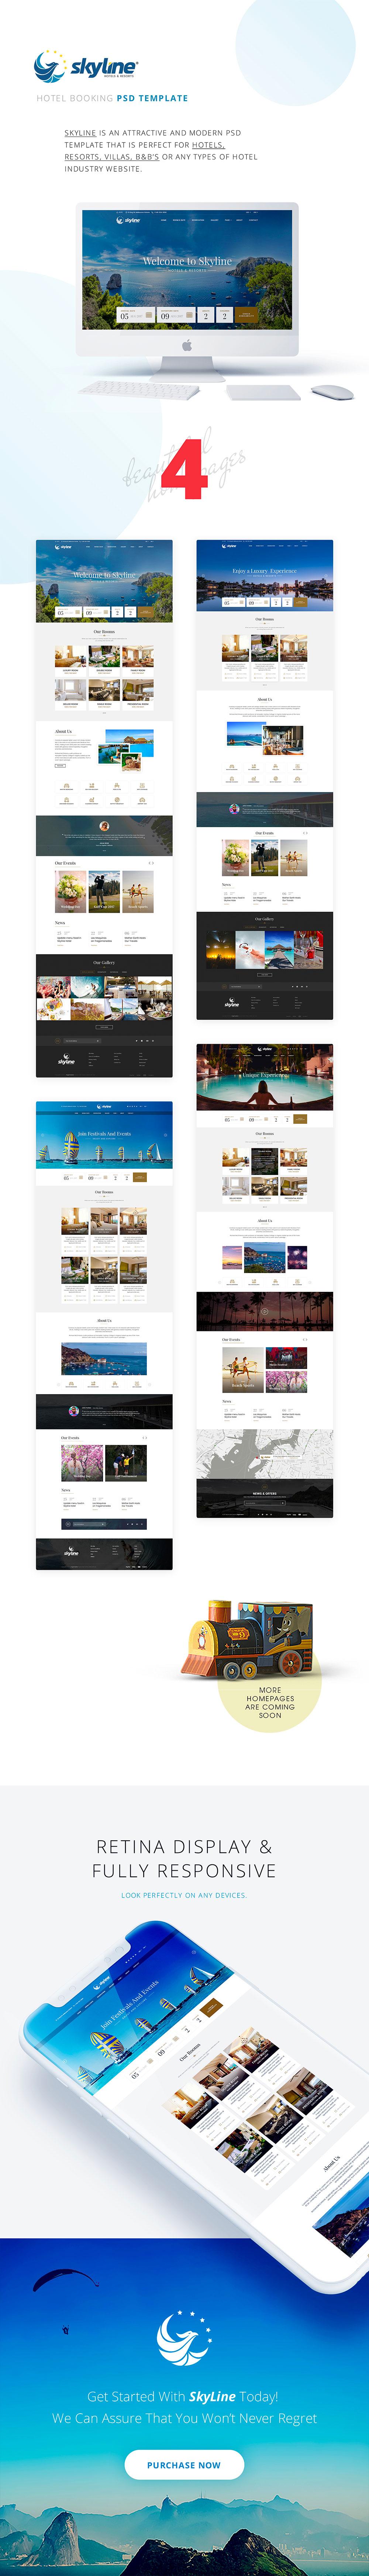 高端酒店网页UI模板下载[PSD] SkyLineHotel_main-files